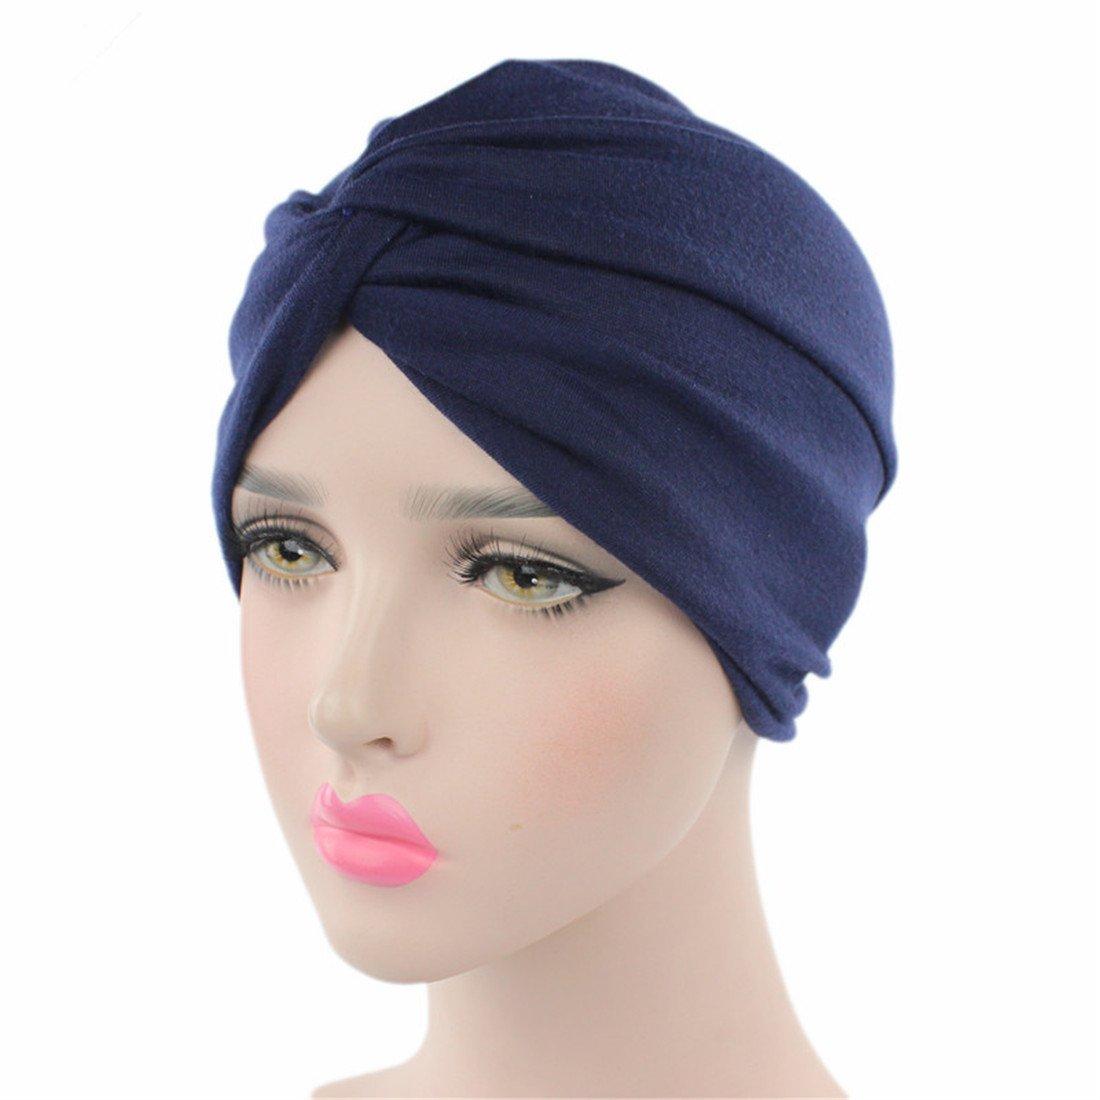 Sombrero del Turbante del algodón del Color Puro de la Moda de Las Mujeres  Casquillo musulmán del Hijab del algodón (Azul Marino)  Amazon.es  Ropa y  ... 6647ab95b28